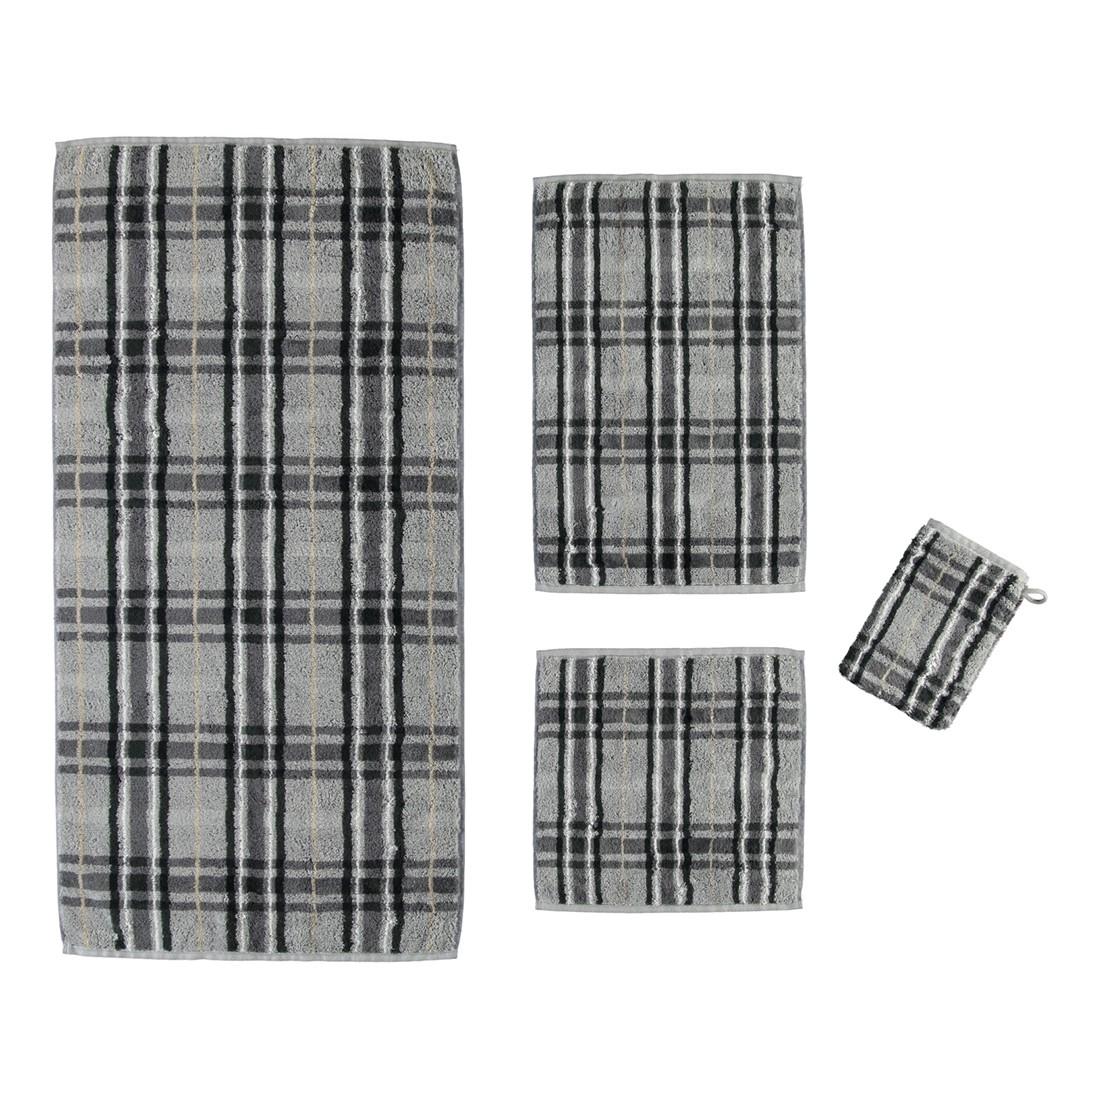 Handtuch Noblesse Check – 100% Baumwolle Grau– Anthrazit – 77 – Duschtuch: 80 x 150 cm, Cawö jetzt bestellen